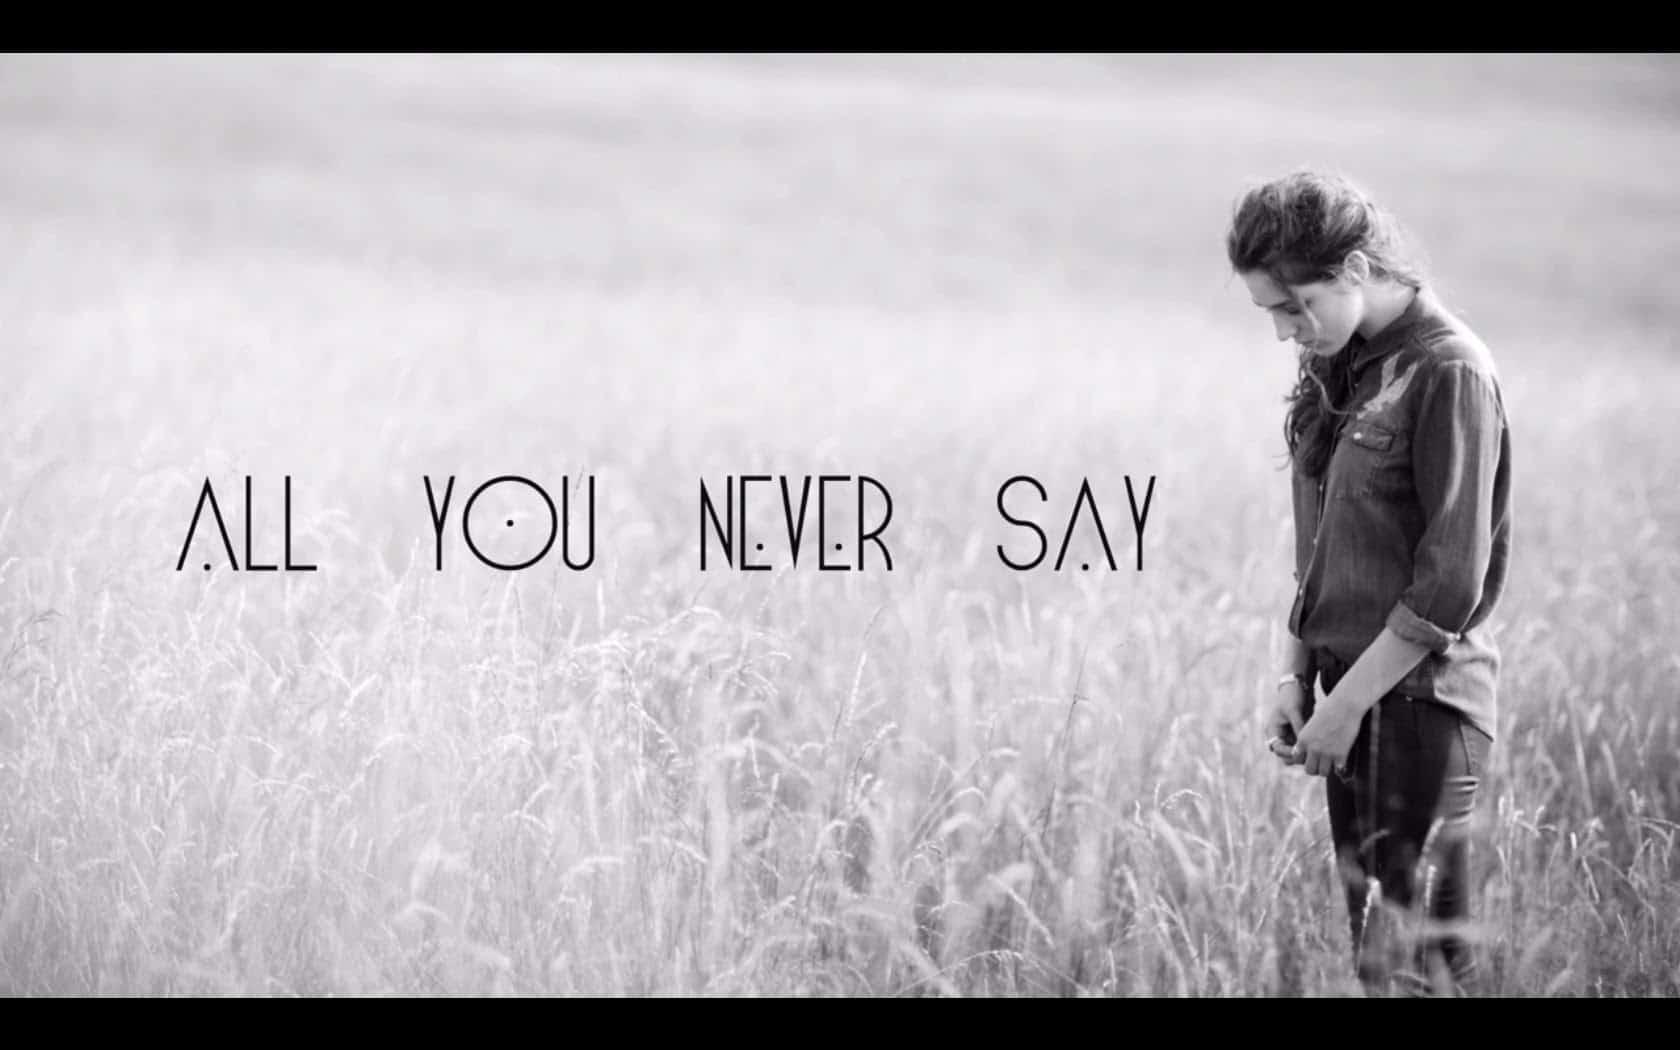 แปลเพลง All You Never Say – Birdy